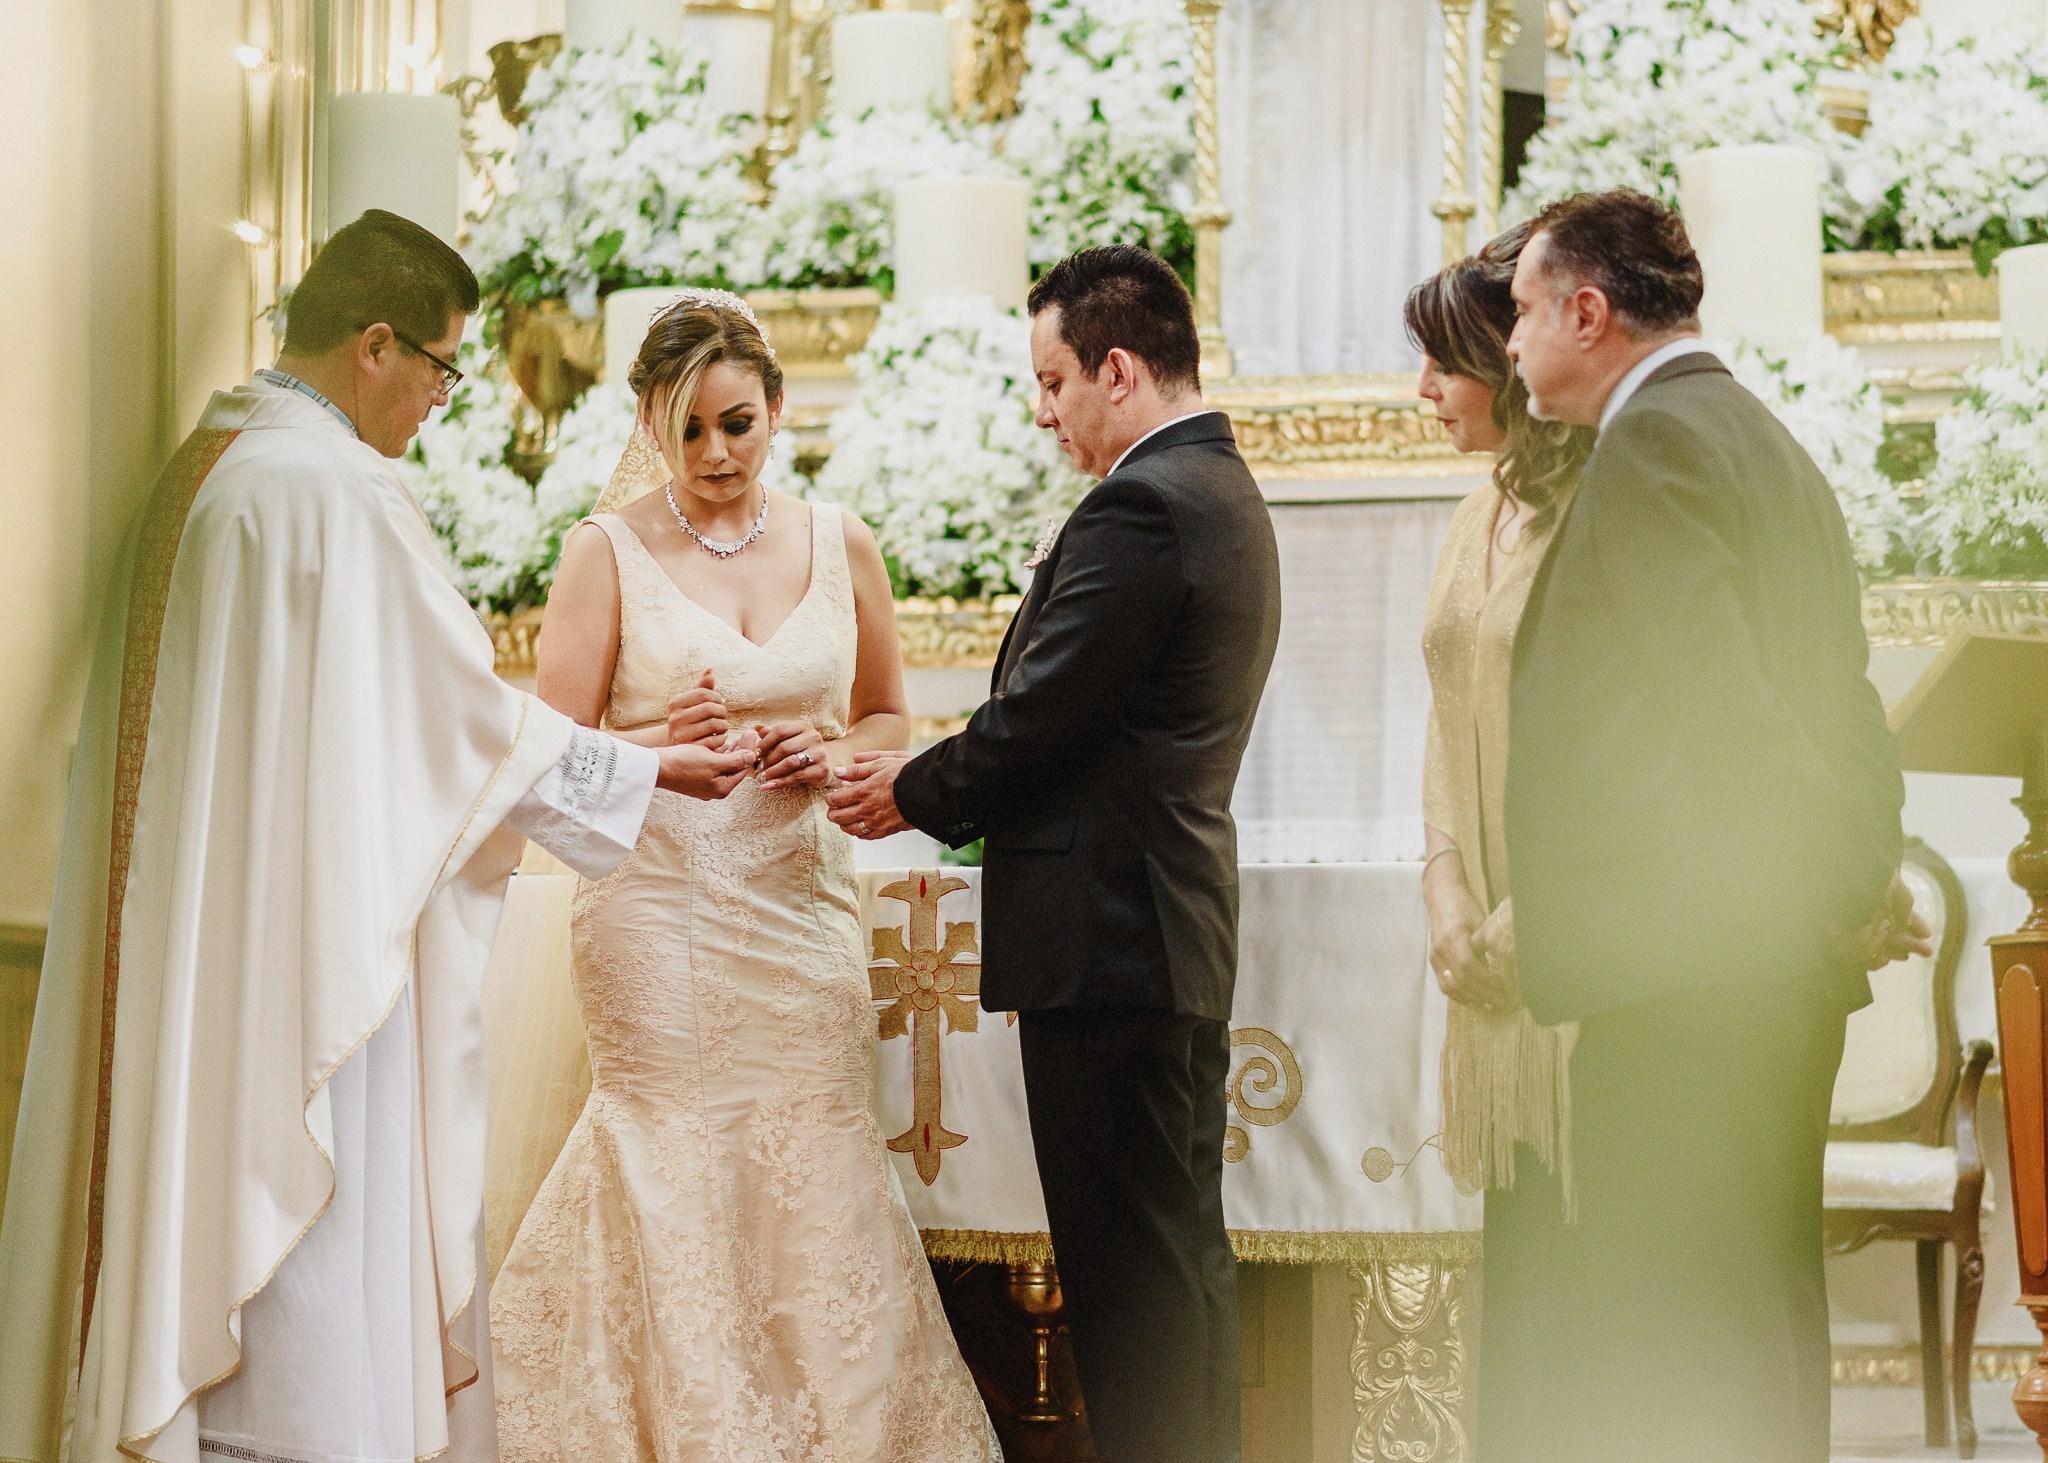 02boda-wedding-ceremonia-templo-barrio-del-encino-aguascalientes-fotografo-luis-houdin61